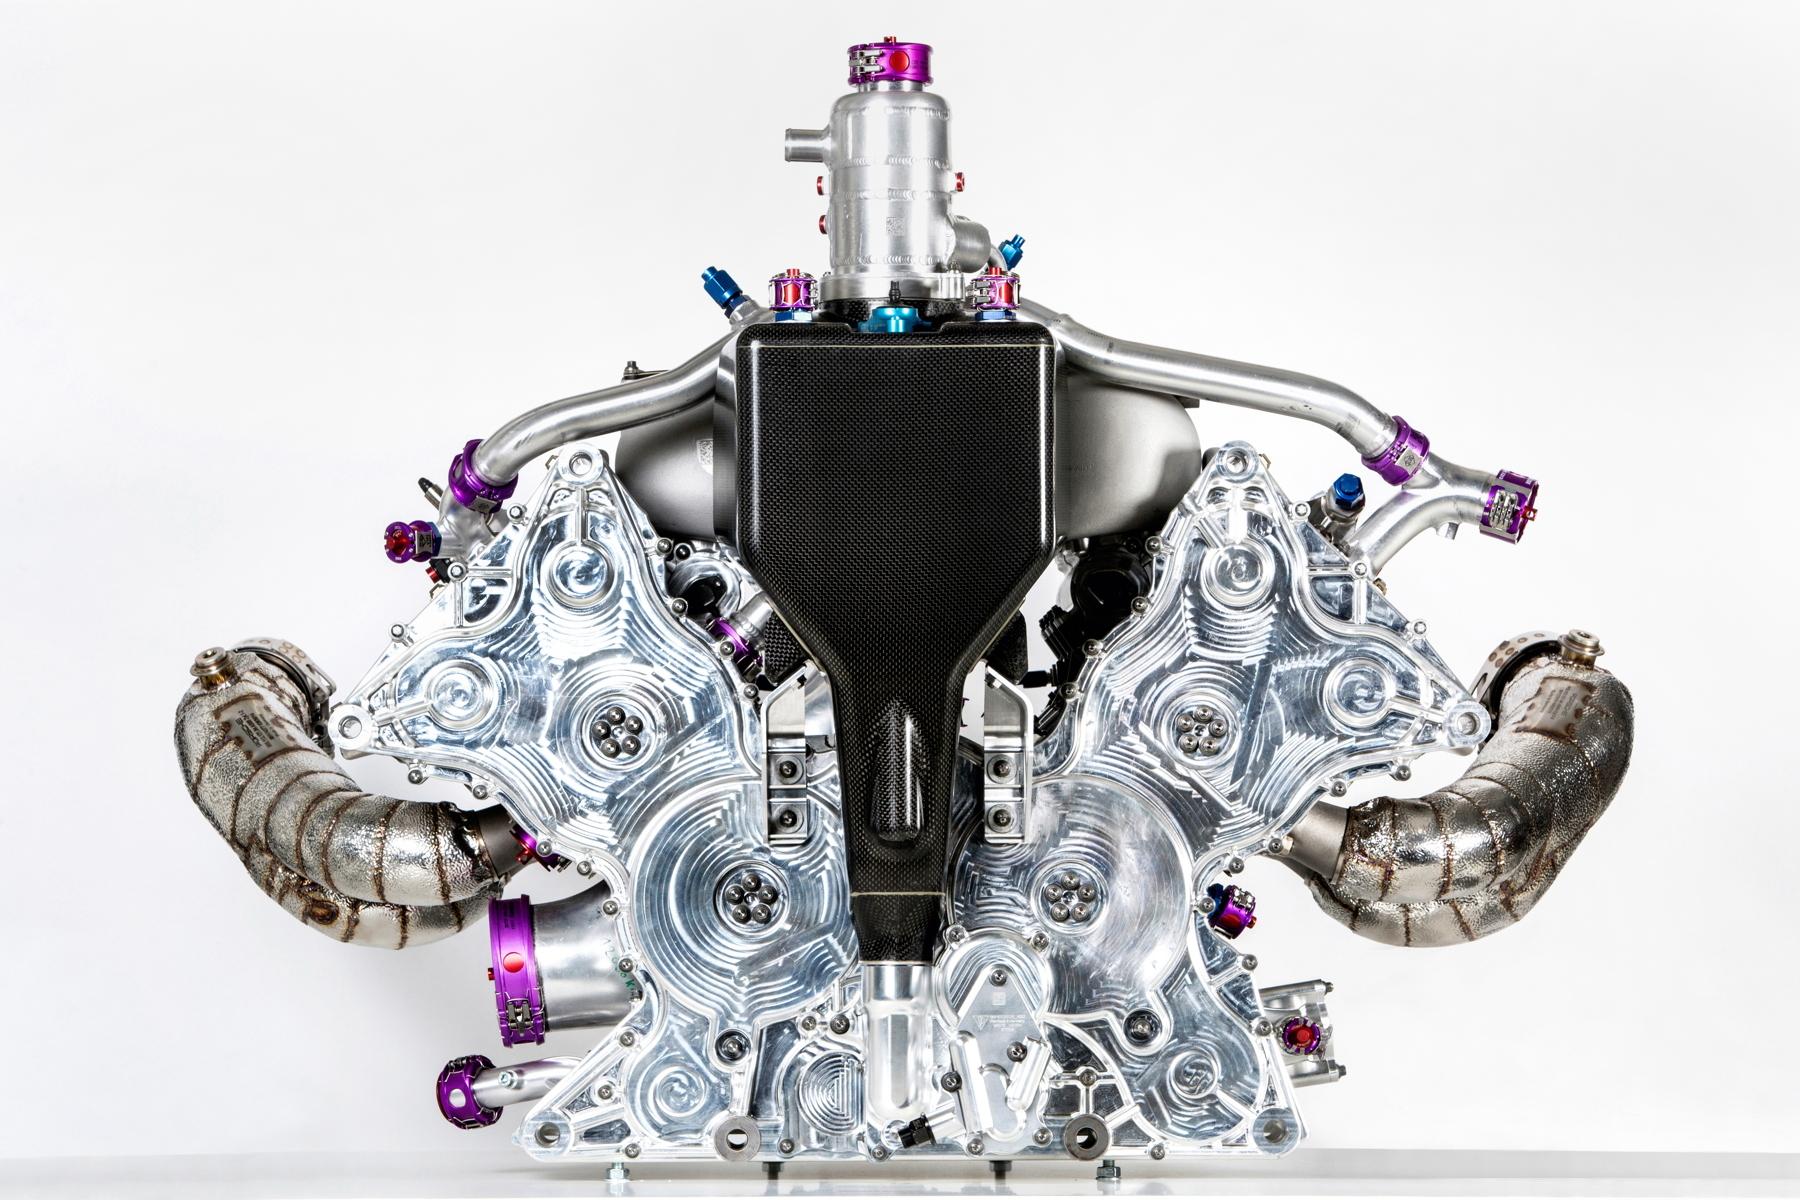 silnik v4